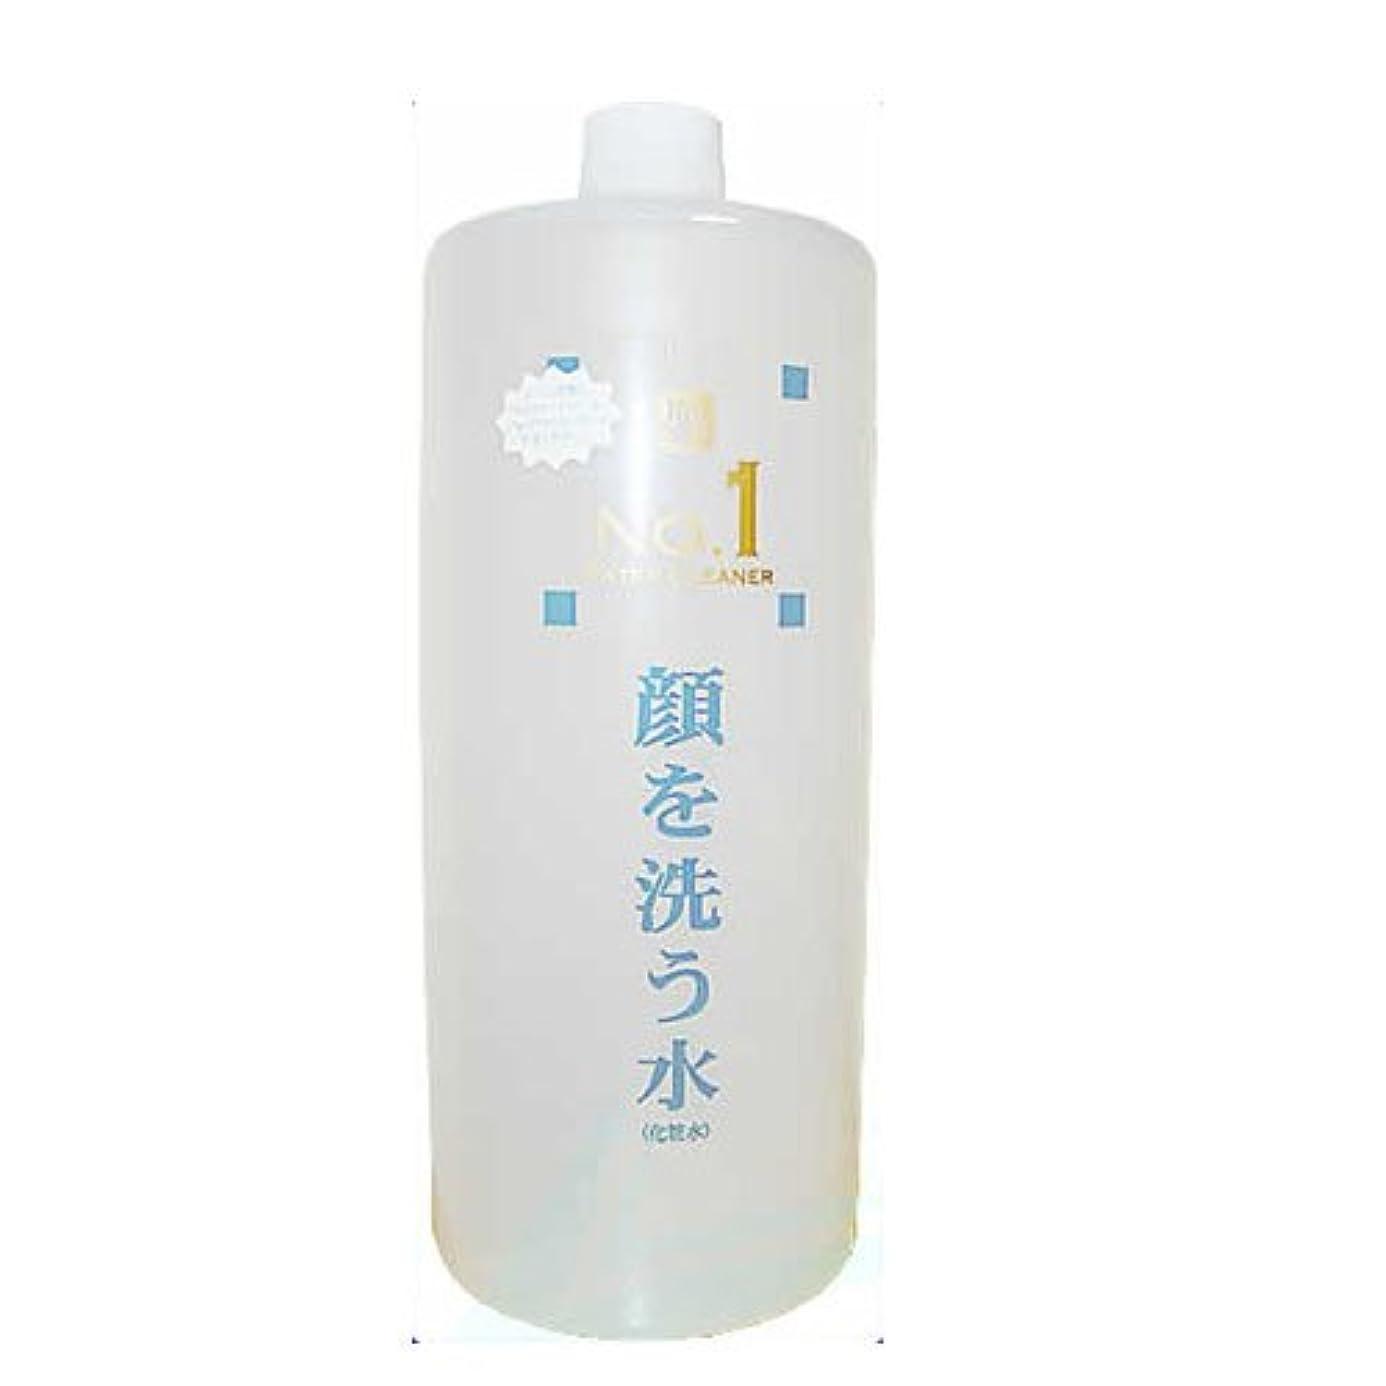 のホスト場合ハグ顔を洗う水シリーズ No.1 1000ml